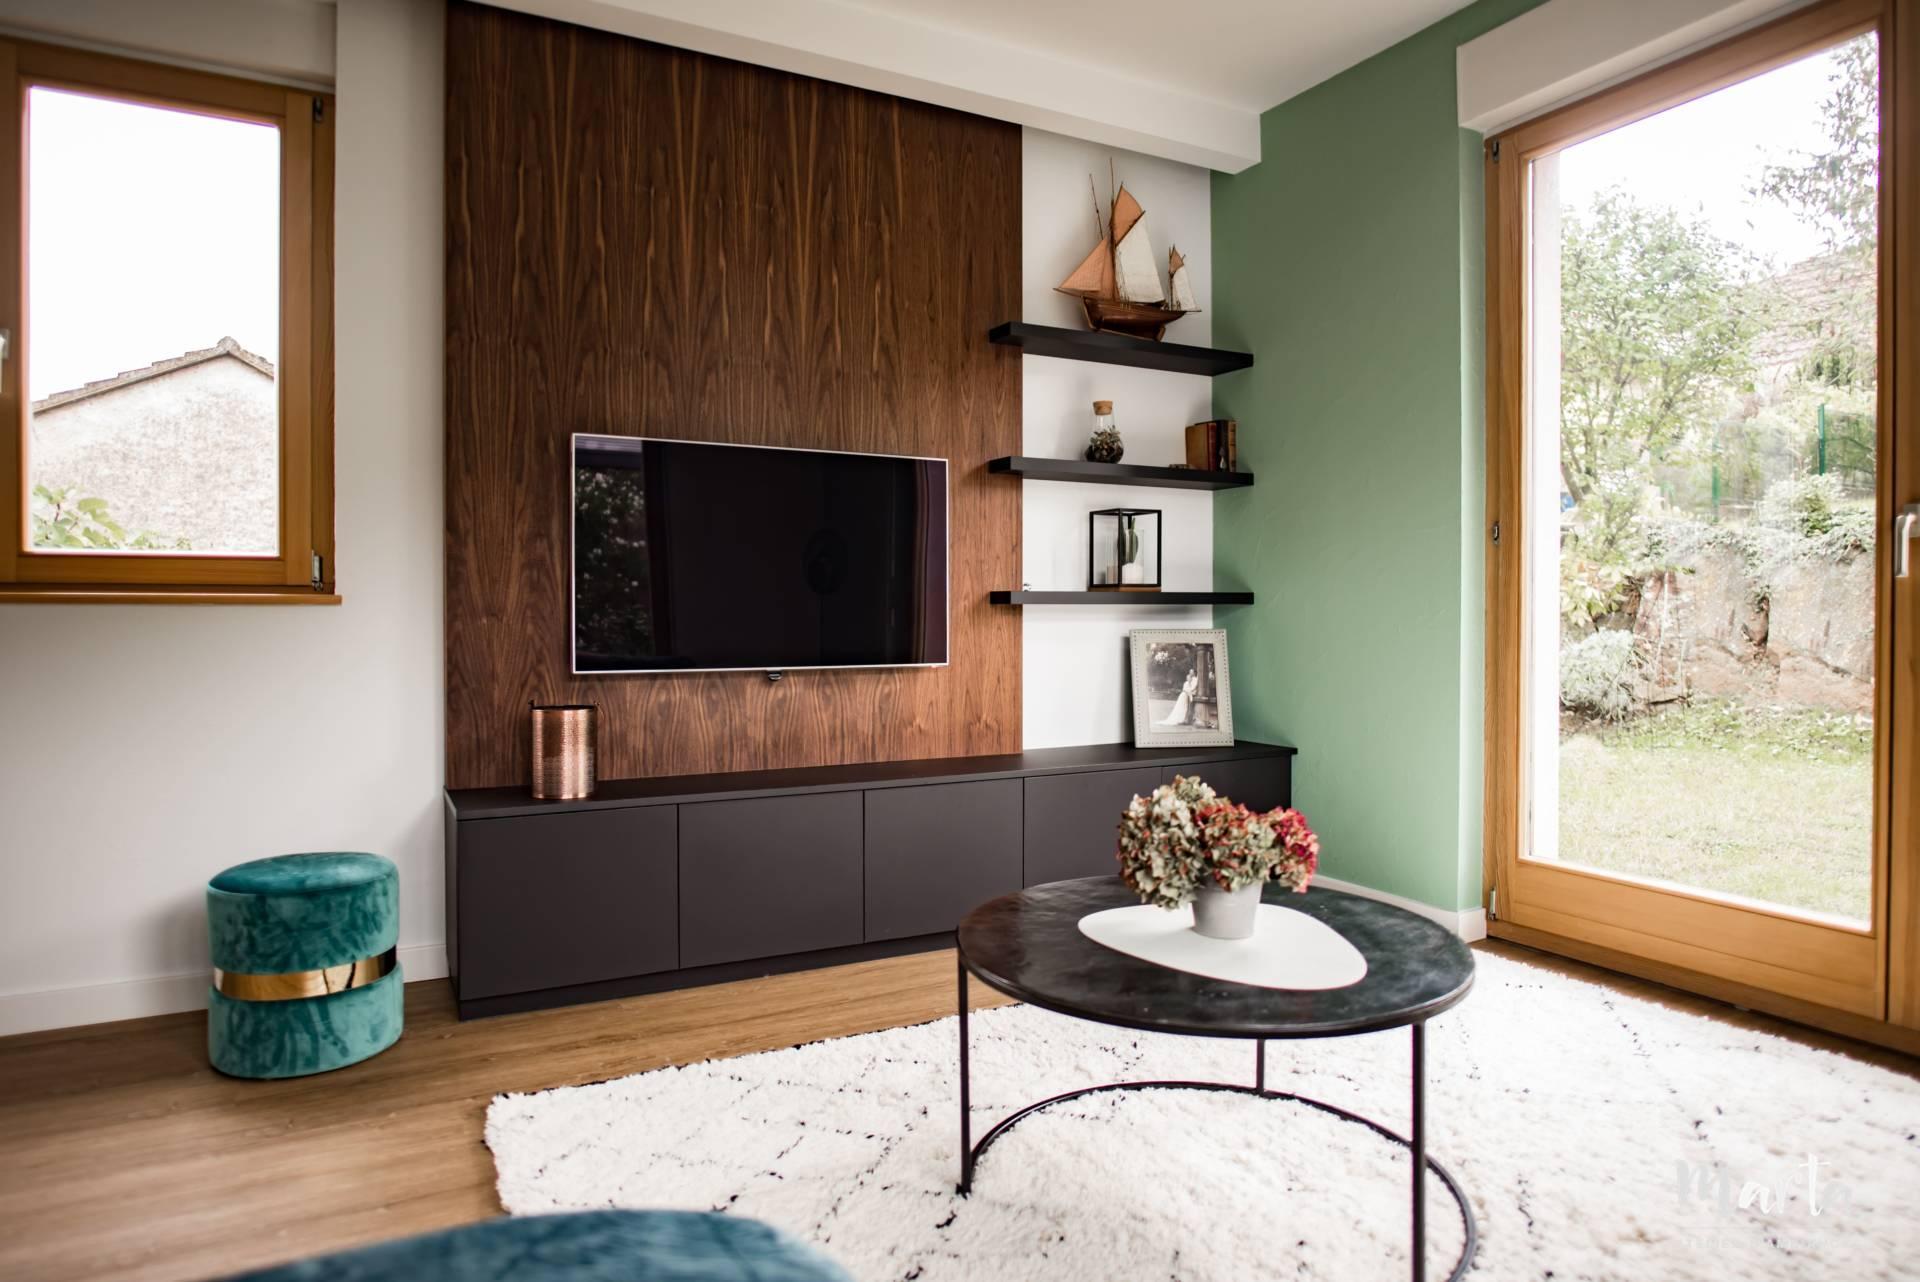 Meuble TV sur-mesure, par Marta Atelier d'Ambiances, Architecte d'intérieur à Mulhouse, Alsace